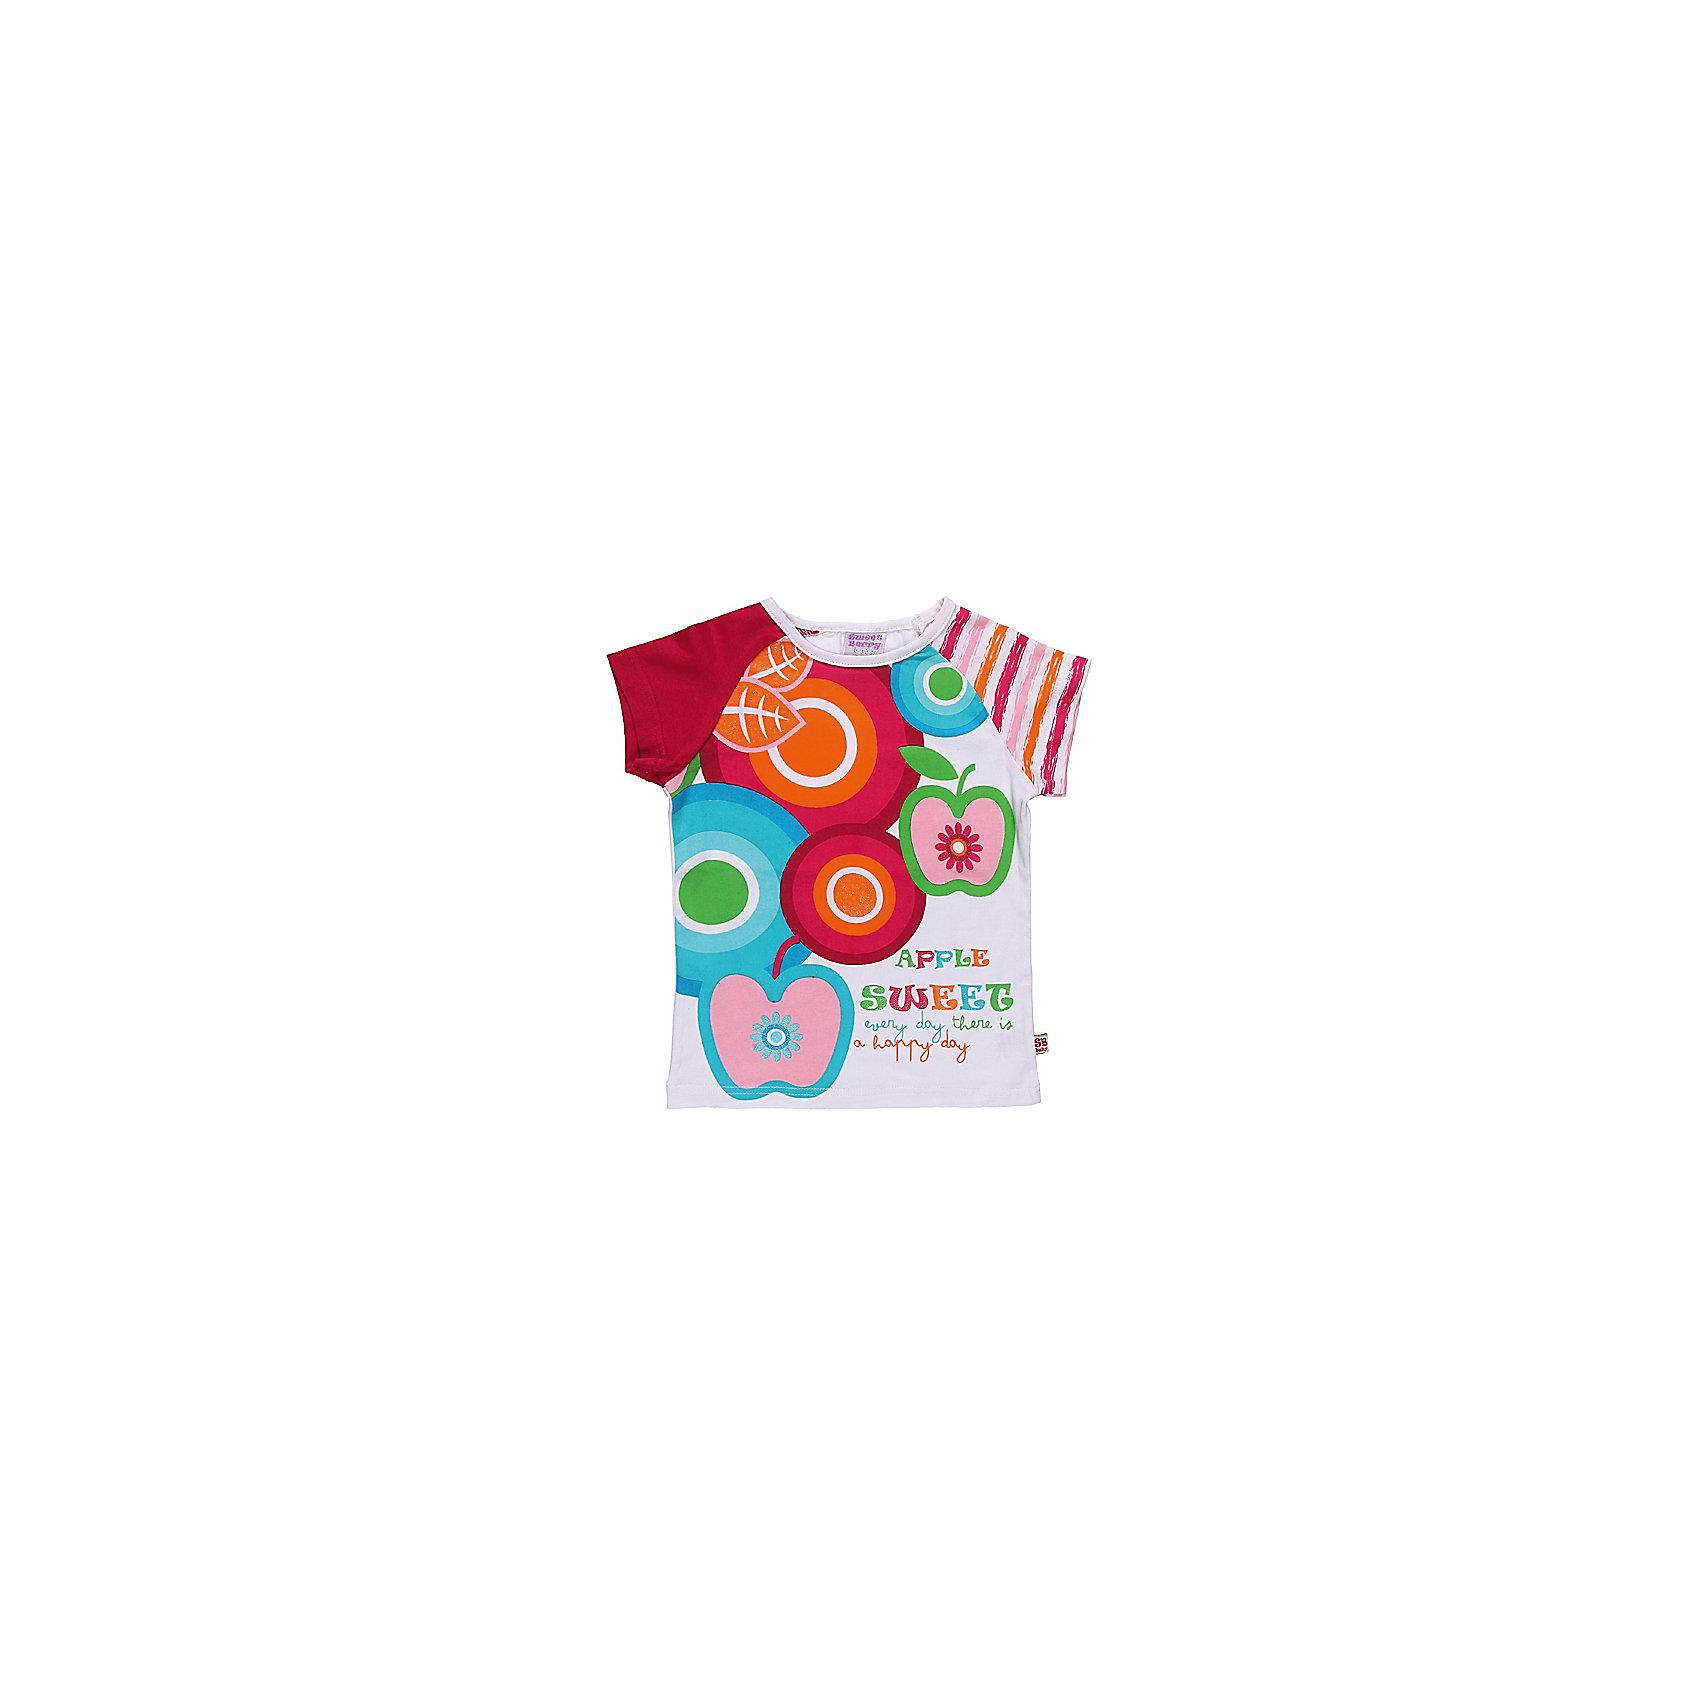 Футболка для девочки Sweet BerryФутболка из трикотажа с ярким принтом.  Декорирована глитером.<br>Состав:<br>95% хлопок, 5% эластан<br><br>Ширина мм: 199<br>Глубина мм: 10<br>Высота мм: 161<br>Вес г: 151<br>Цвет: разноцветный<br>Возраст от месяцев: 9<br>Возраст до месяцев: 12<br>Пол: Женский<br>Возраст: Детский<br>Размер: 80,98,86,92<br>SKU: 4520553